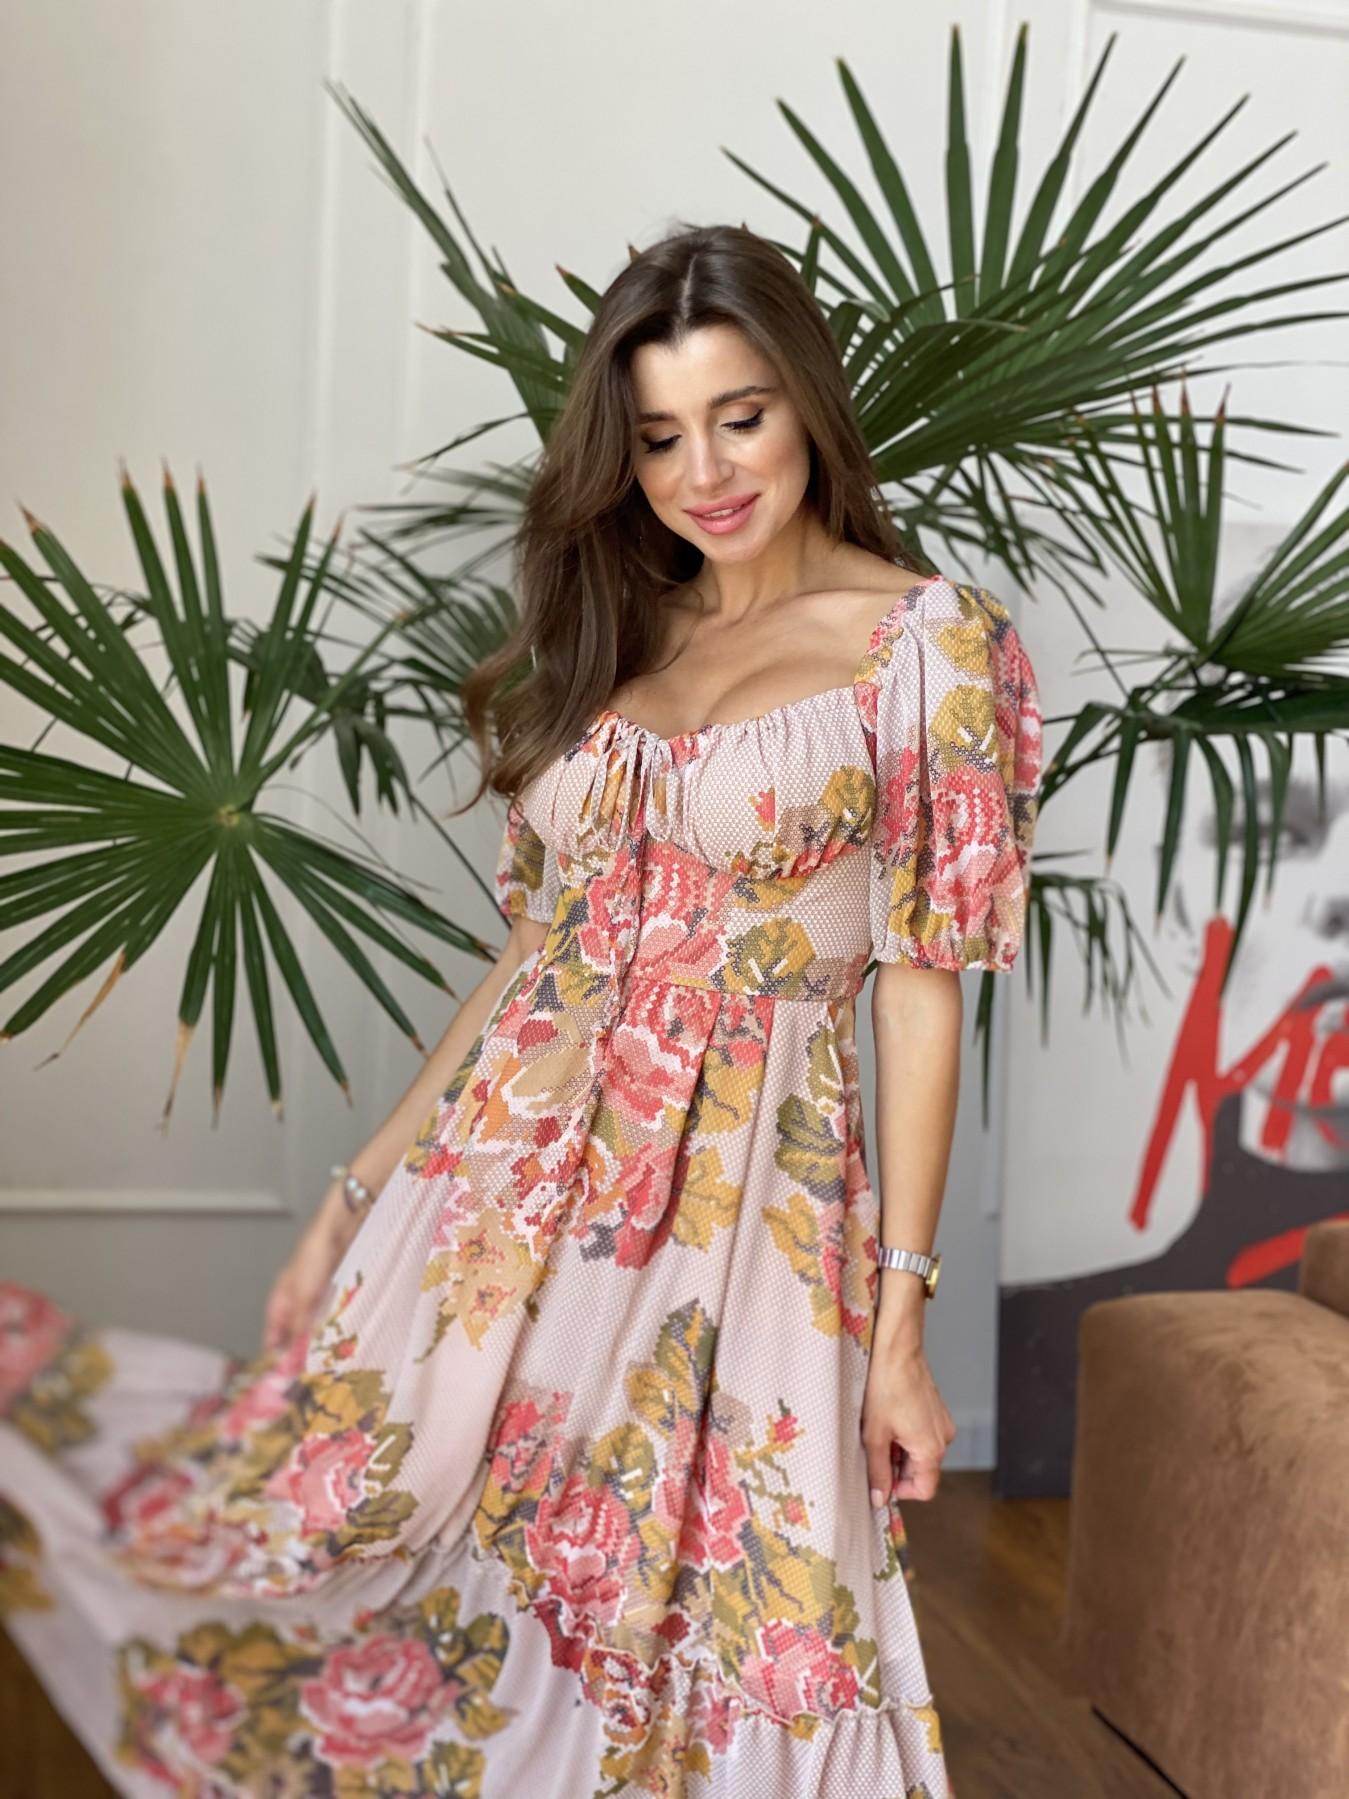 Лоретта платье из шифона в принт 11468 АРТ. 48252 Цвет: Беж.Св/Беж вышивка - фото 6, интернет магазин tm-modus.ru